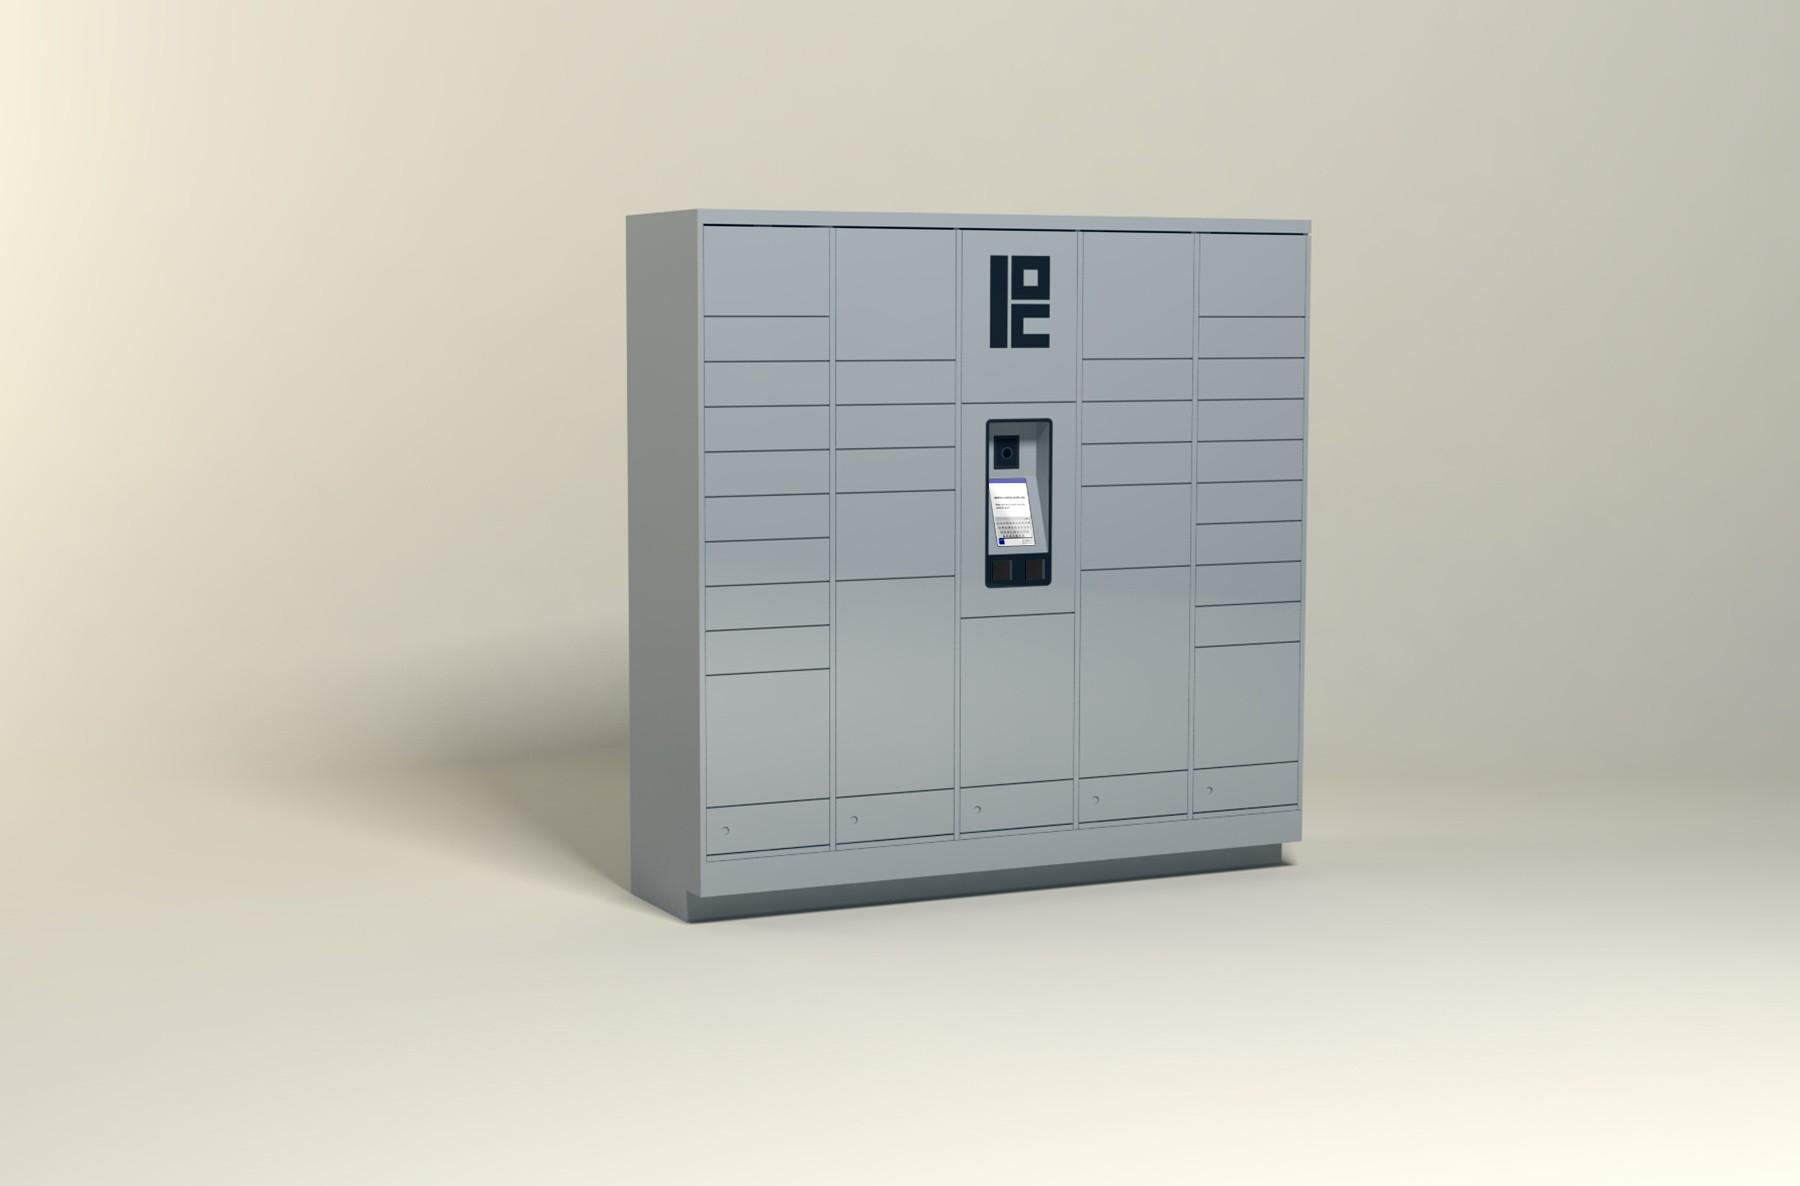 100 Unit Multi Family Steel Smart Locker 34 Openings